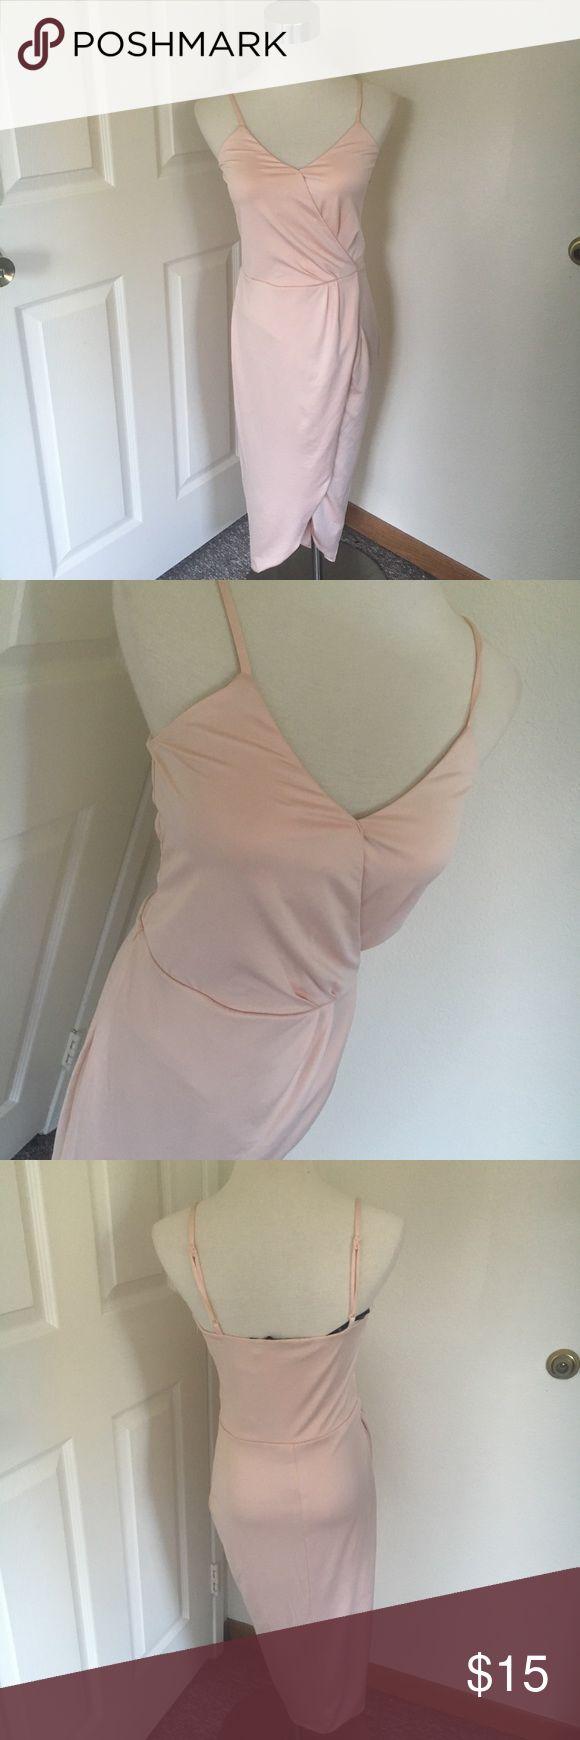 Kardashian Kollection Dress KARDASHIAN kollection dress Small stain as shown on 3rd pic ( Thats why price is low) Size : Small Kardashian Kollection Dresses